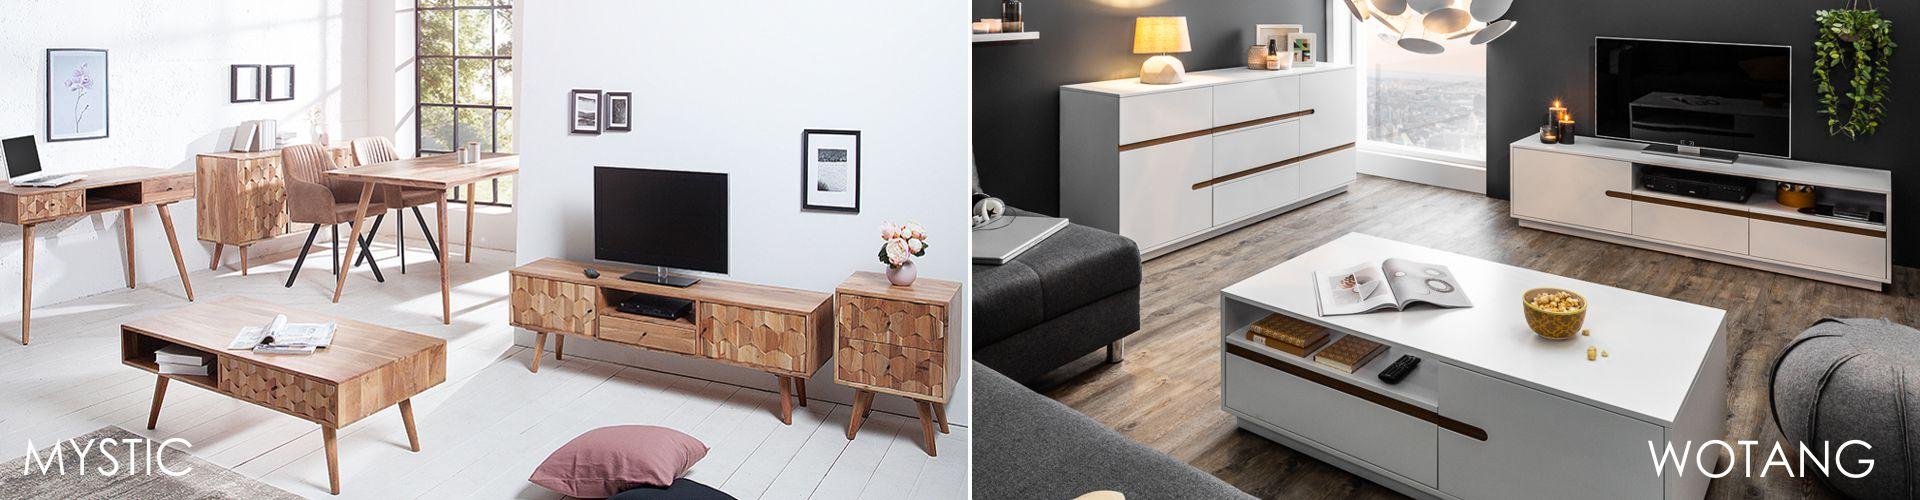 7ec7f2d93c9a Nábytok Reaction - dizajnový a luxusný nábytok.